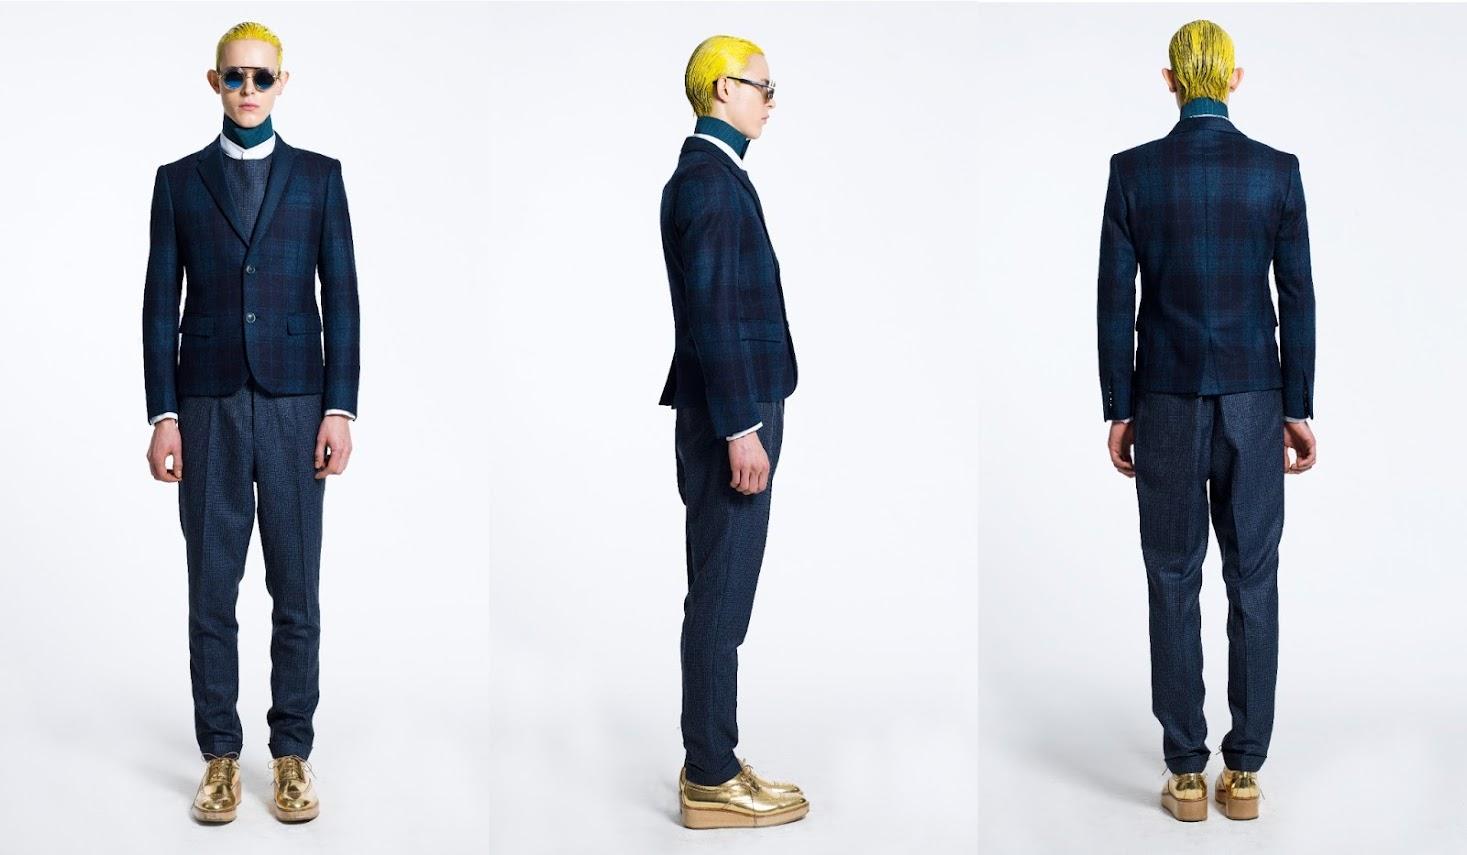 *華人設計新指標Six Lee的2013AW:將貴族古典剪裁活用於未來時裝! 3